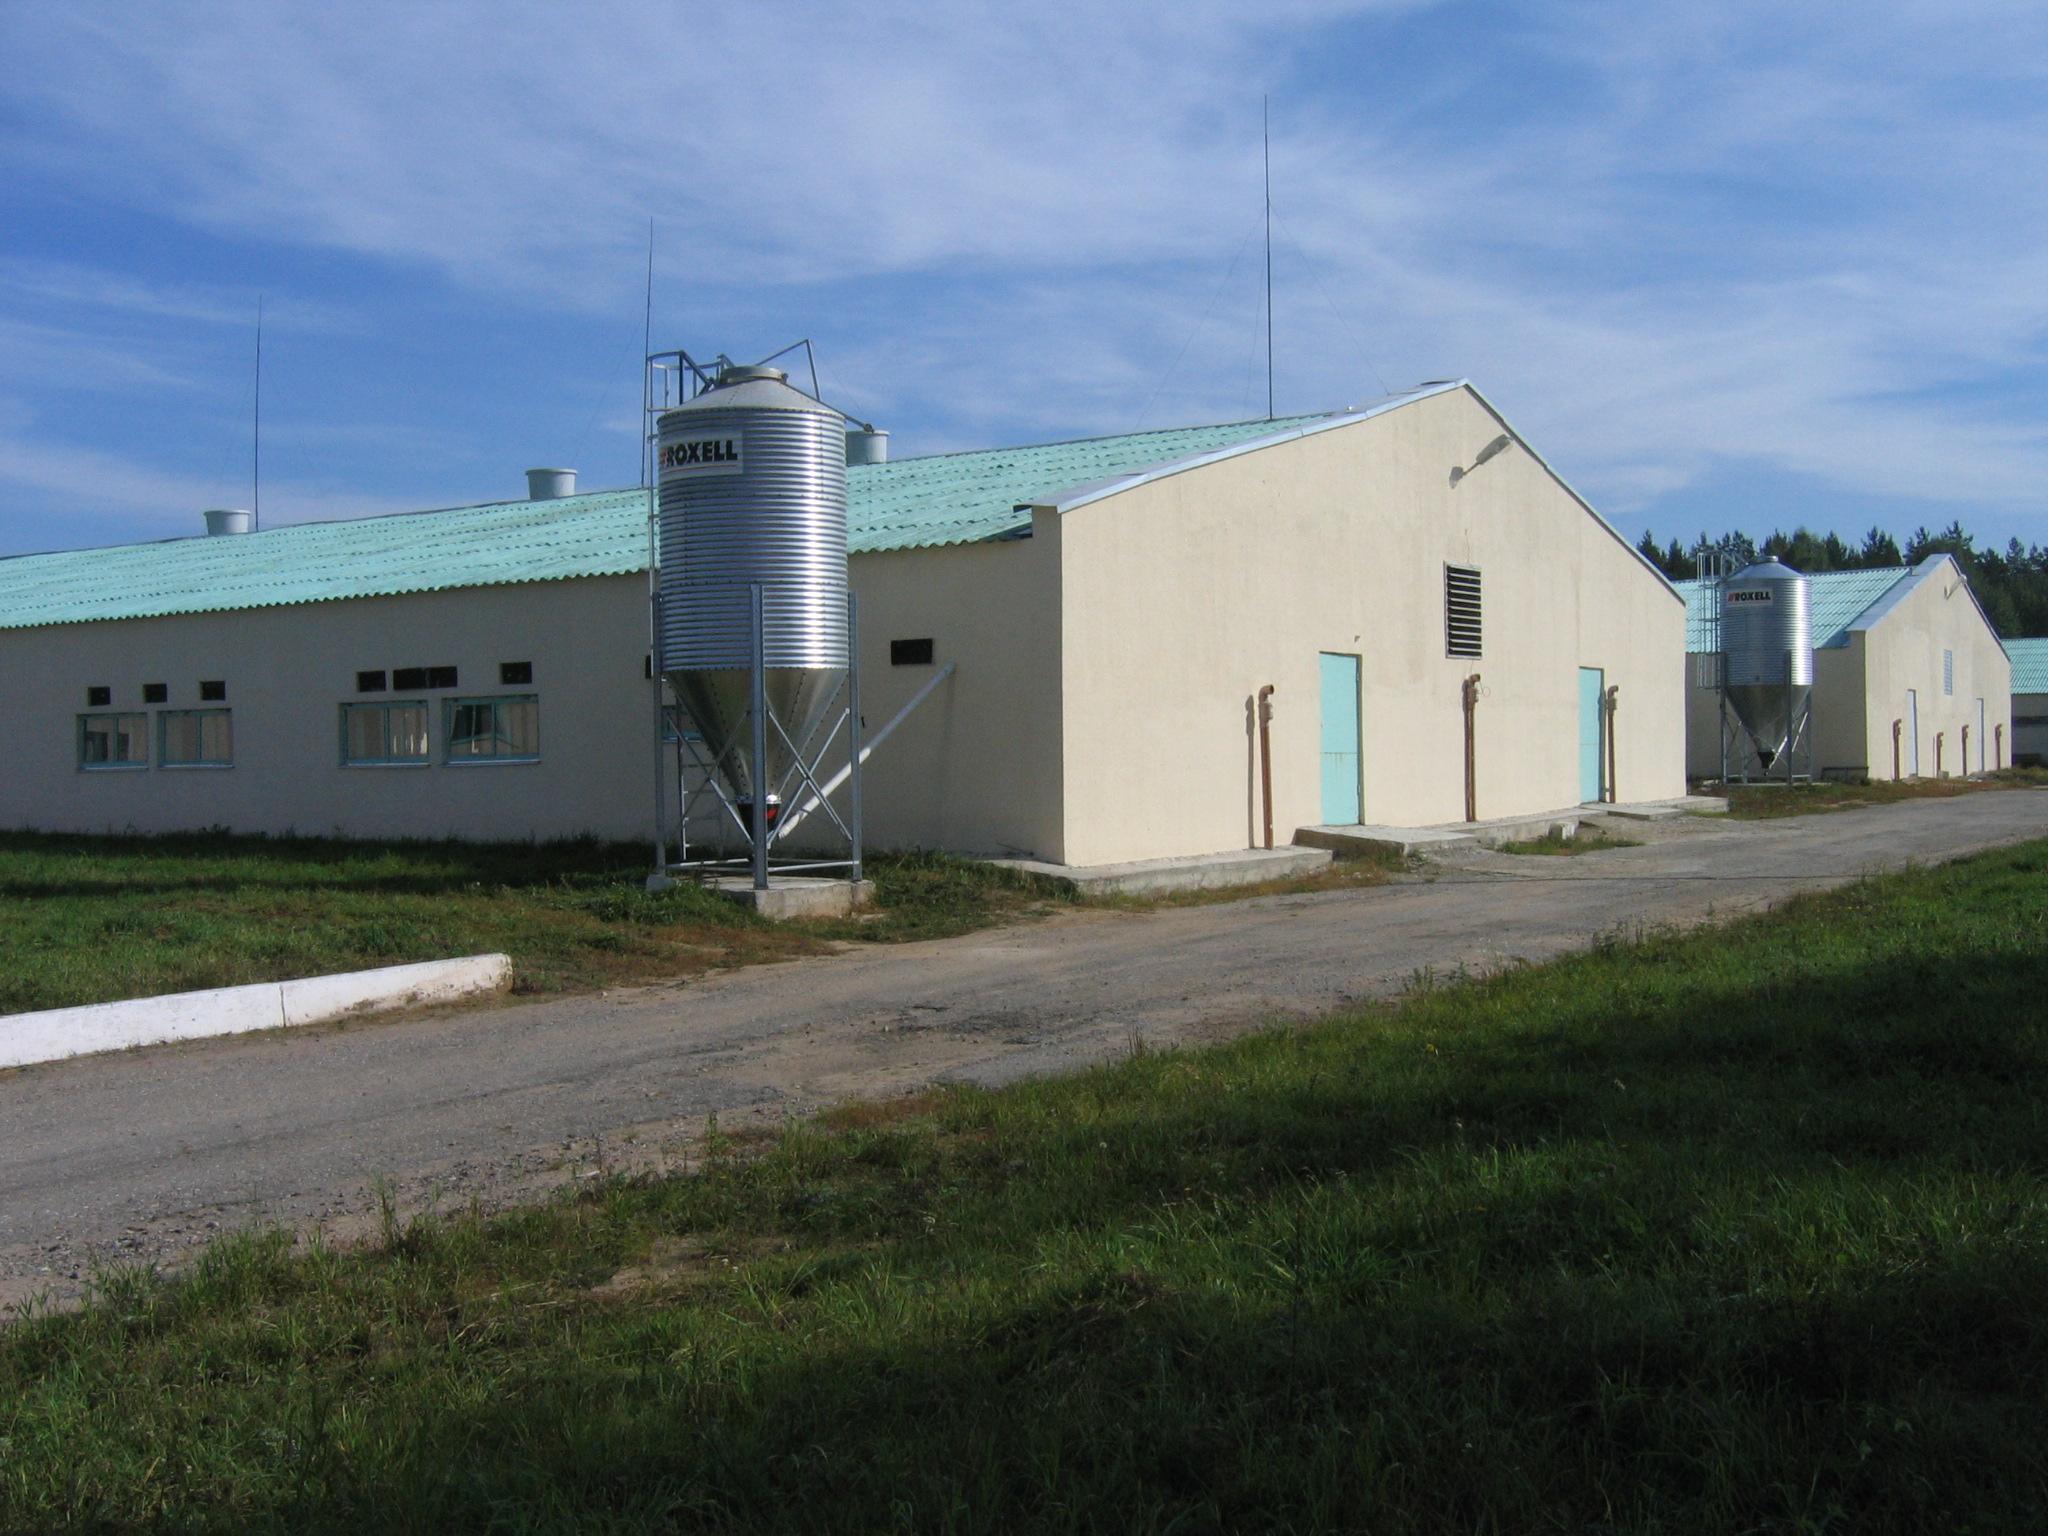 Синокомплекс Борисовский, реконструкция отделения для доращивания и откорма свиней. Система навозоудаления, система кормления свиней, система вентиляции и обогрева свиней.